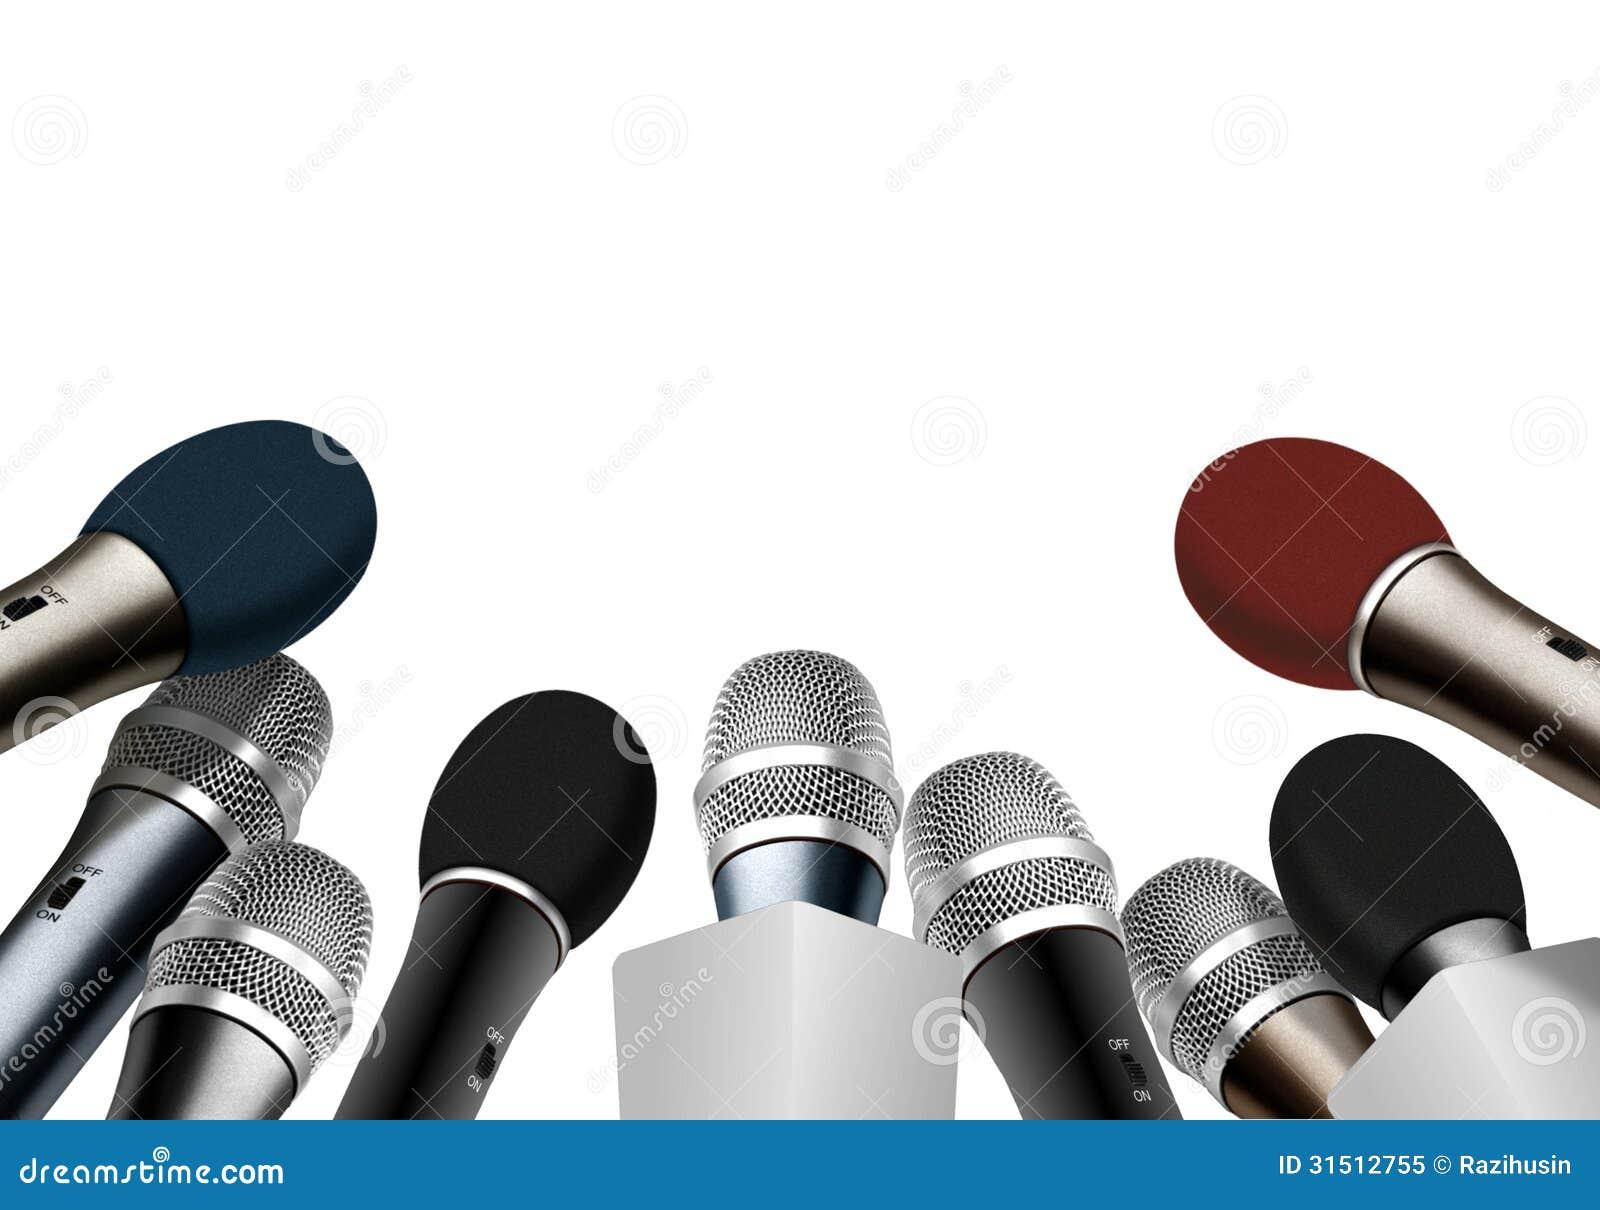 Konferencja prasowa mikrofony